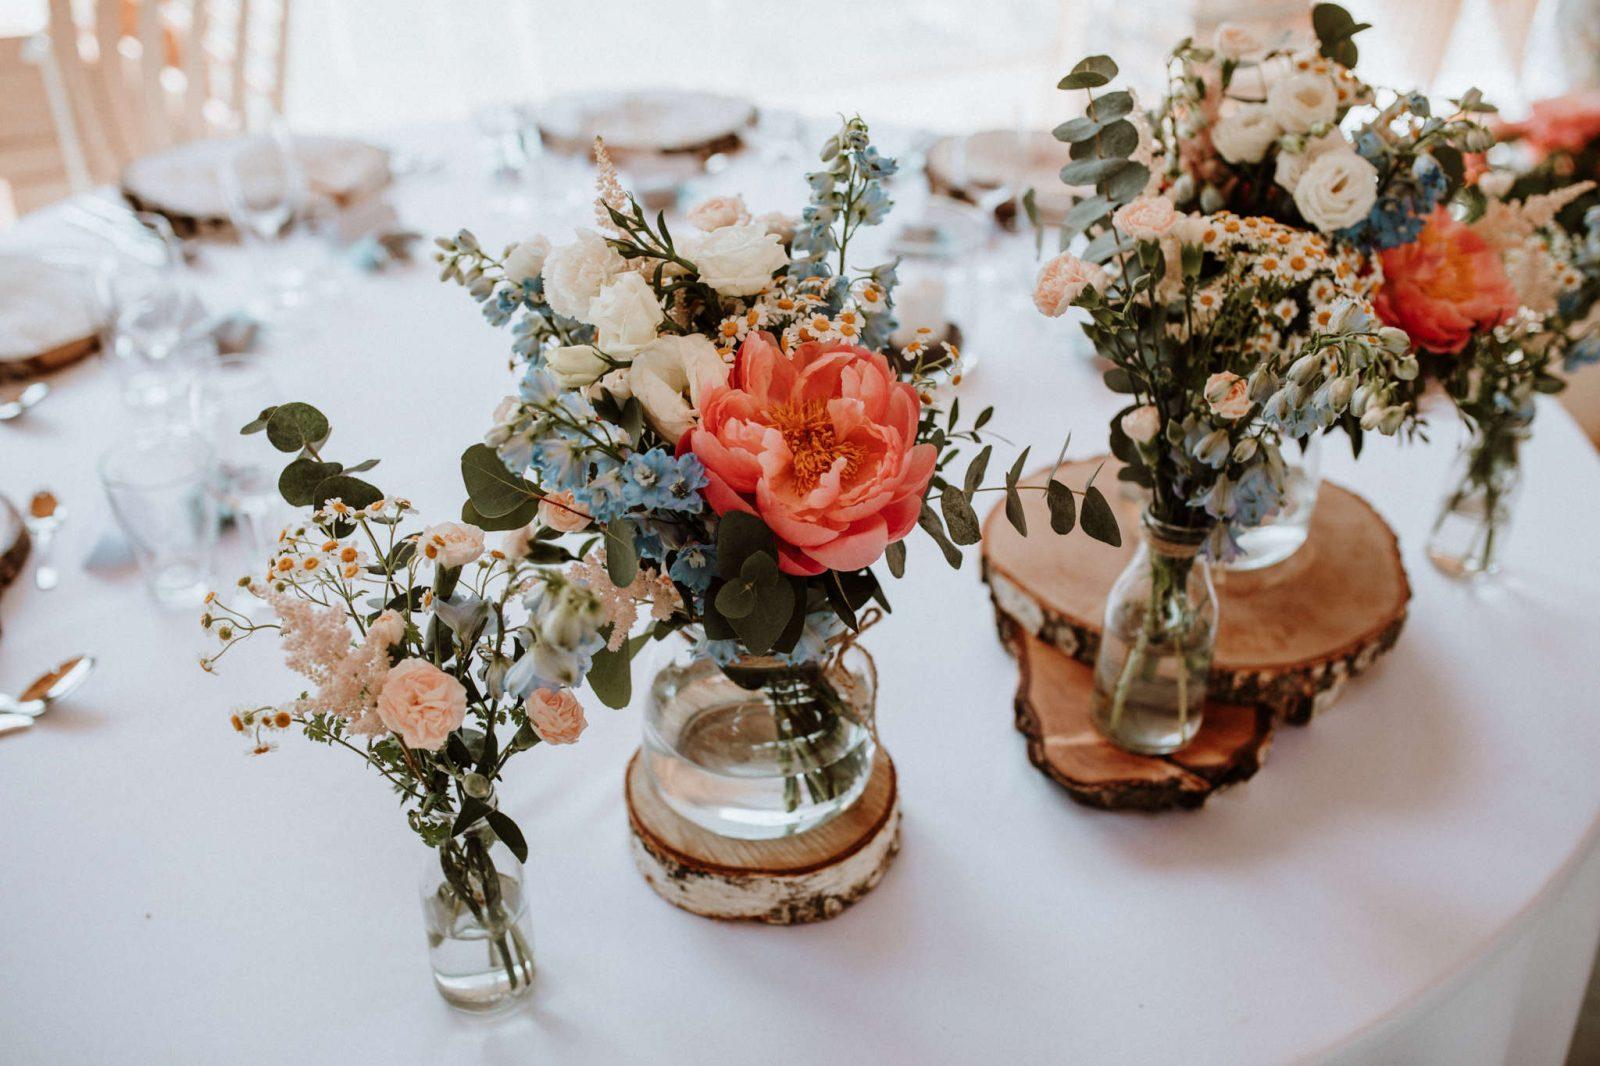 kwiaty w kolorach koralowych i błękitnych w słojach i butelkach na drewnie jako dekoracja stołu państwa młodychm